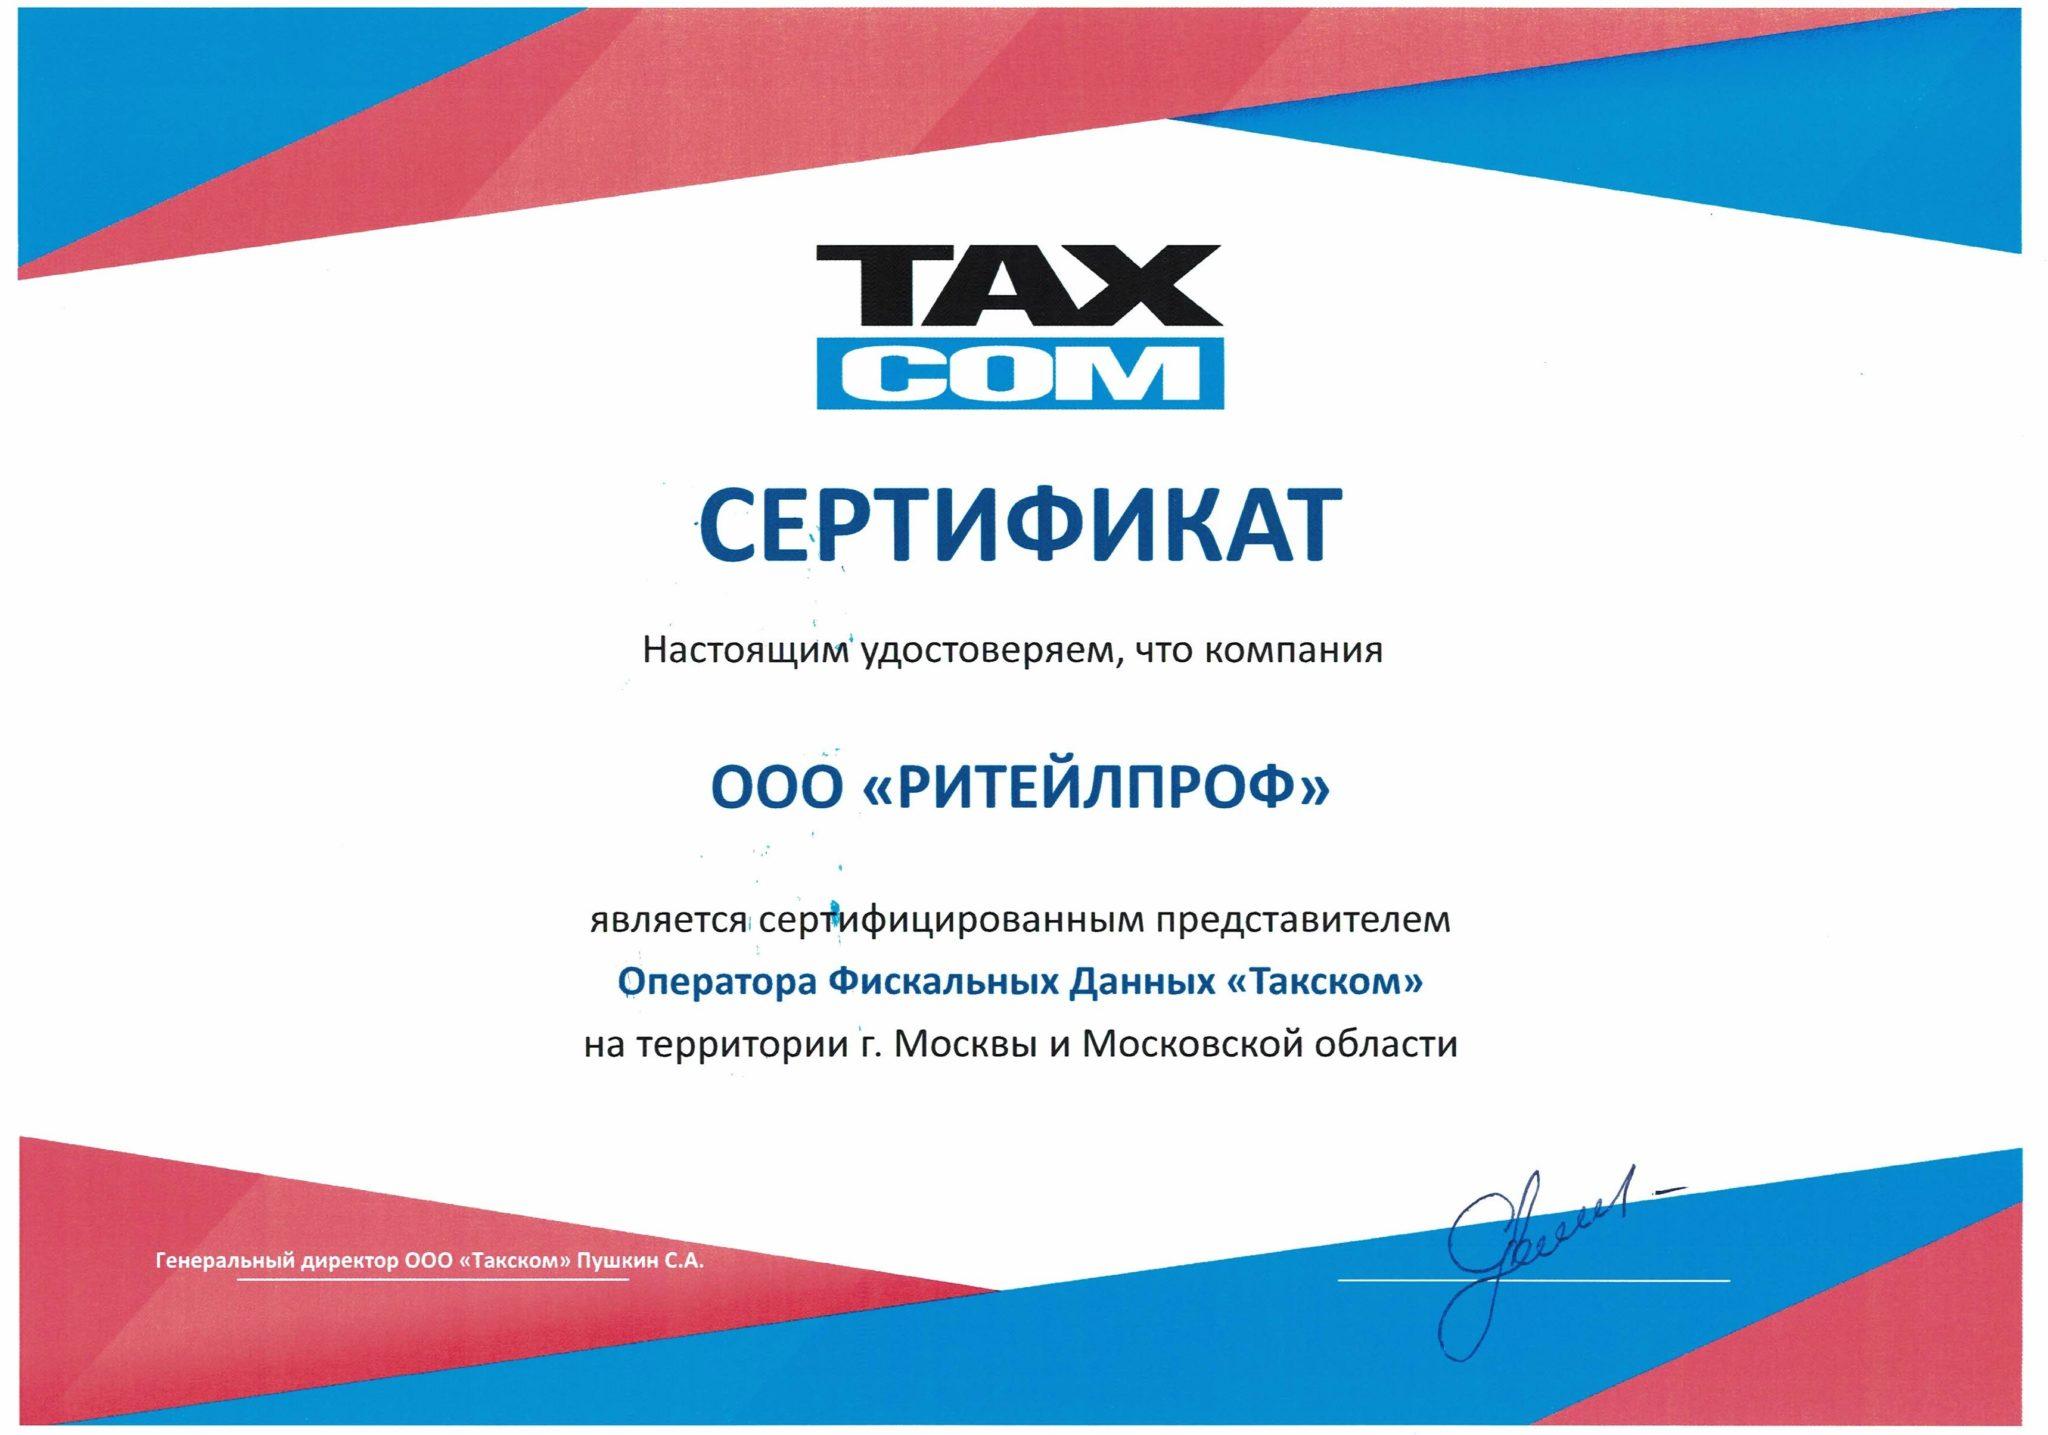 Сертификат Такском